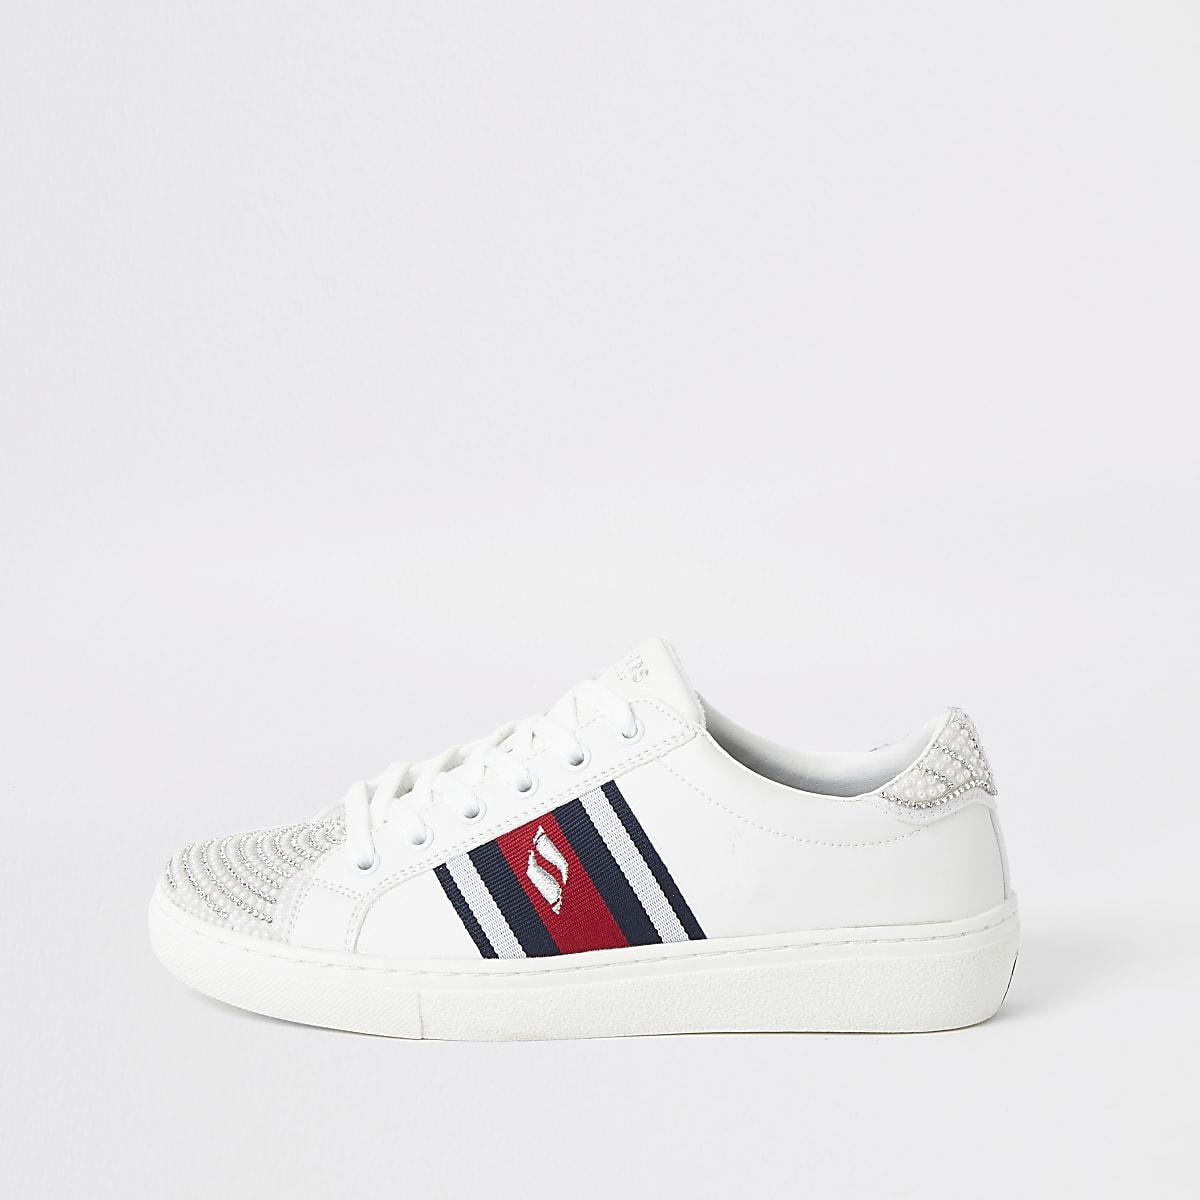 Skechers – Goldie Fly Girl – Weiße Sneakers